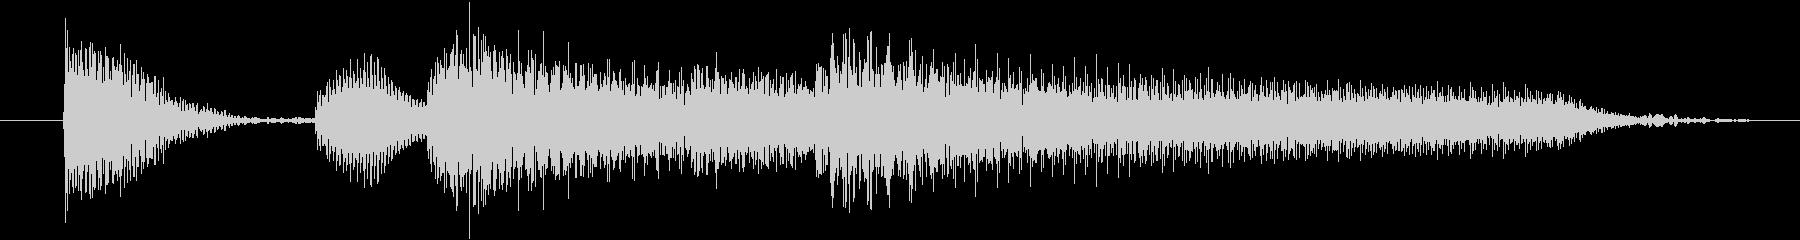 お洒落なピアノの3秒ジングルの未再生の波形